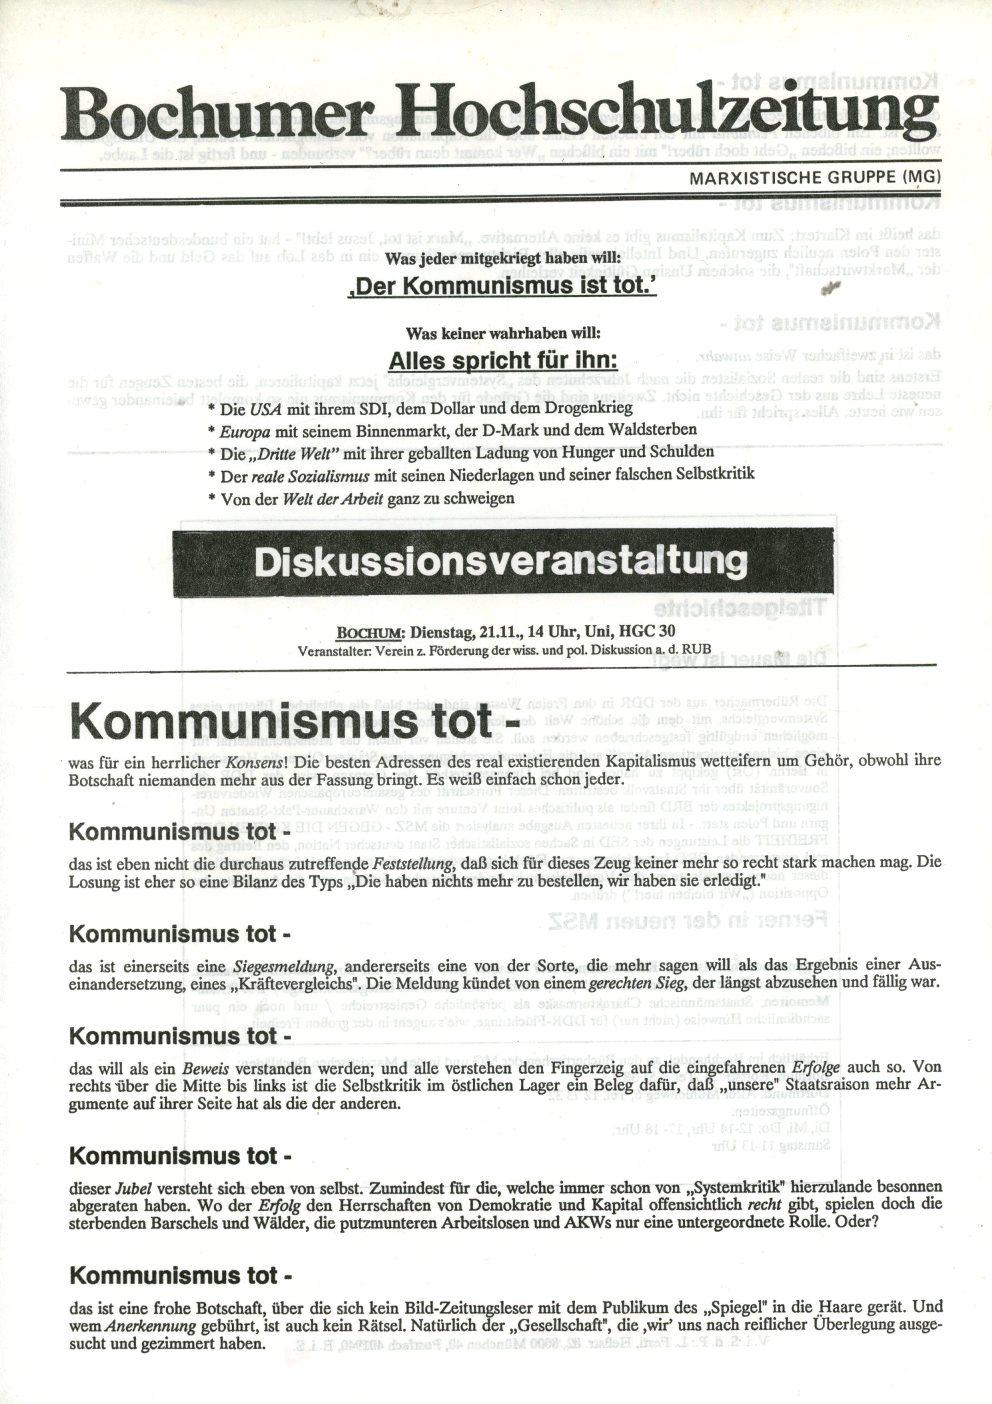 MG_Bochumer_Hochschulzeitung_19891121_01